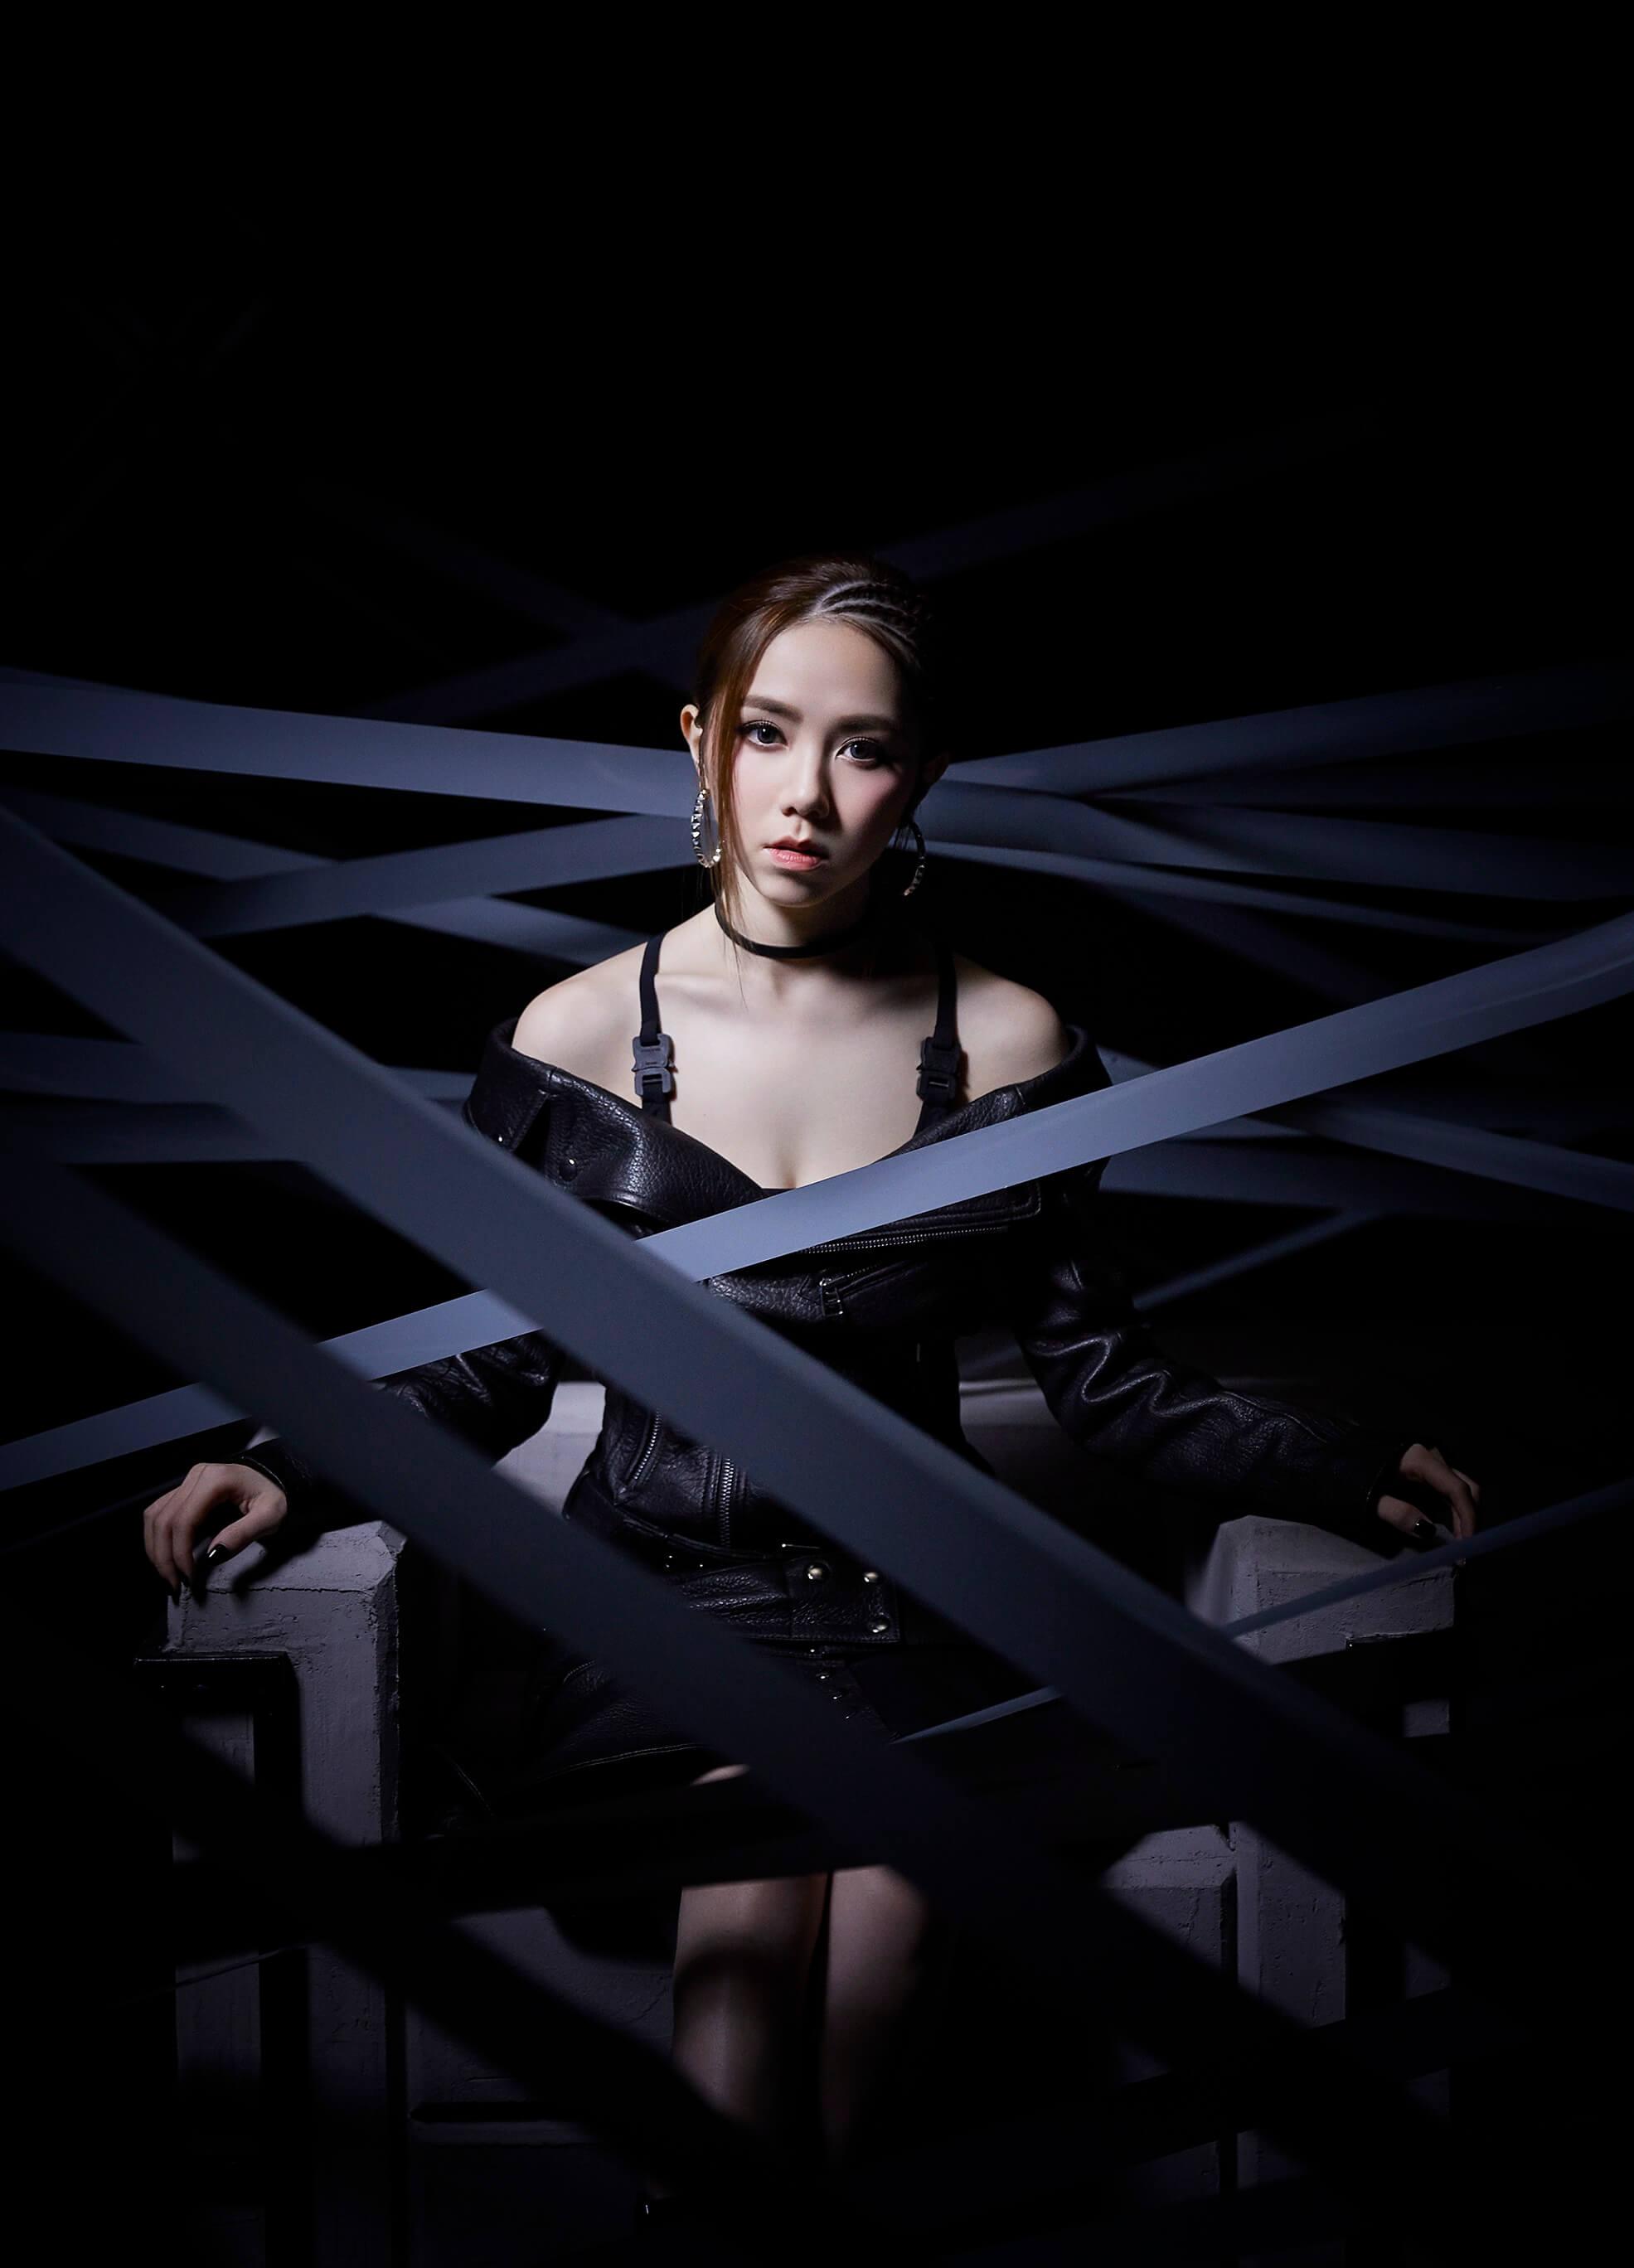 再創樂壇記錄!鄧紫棋「第三首歌破億觀看」:華語首位女歌手